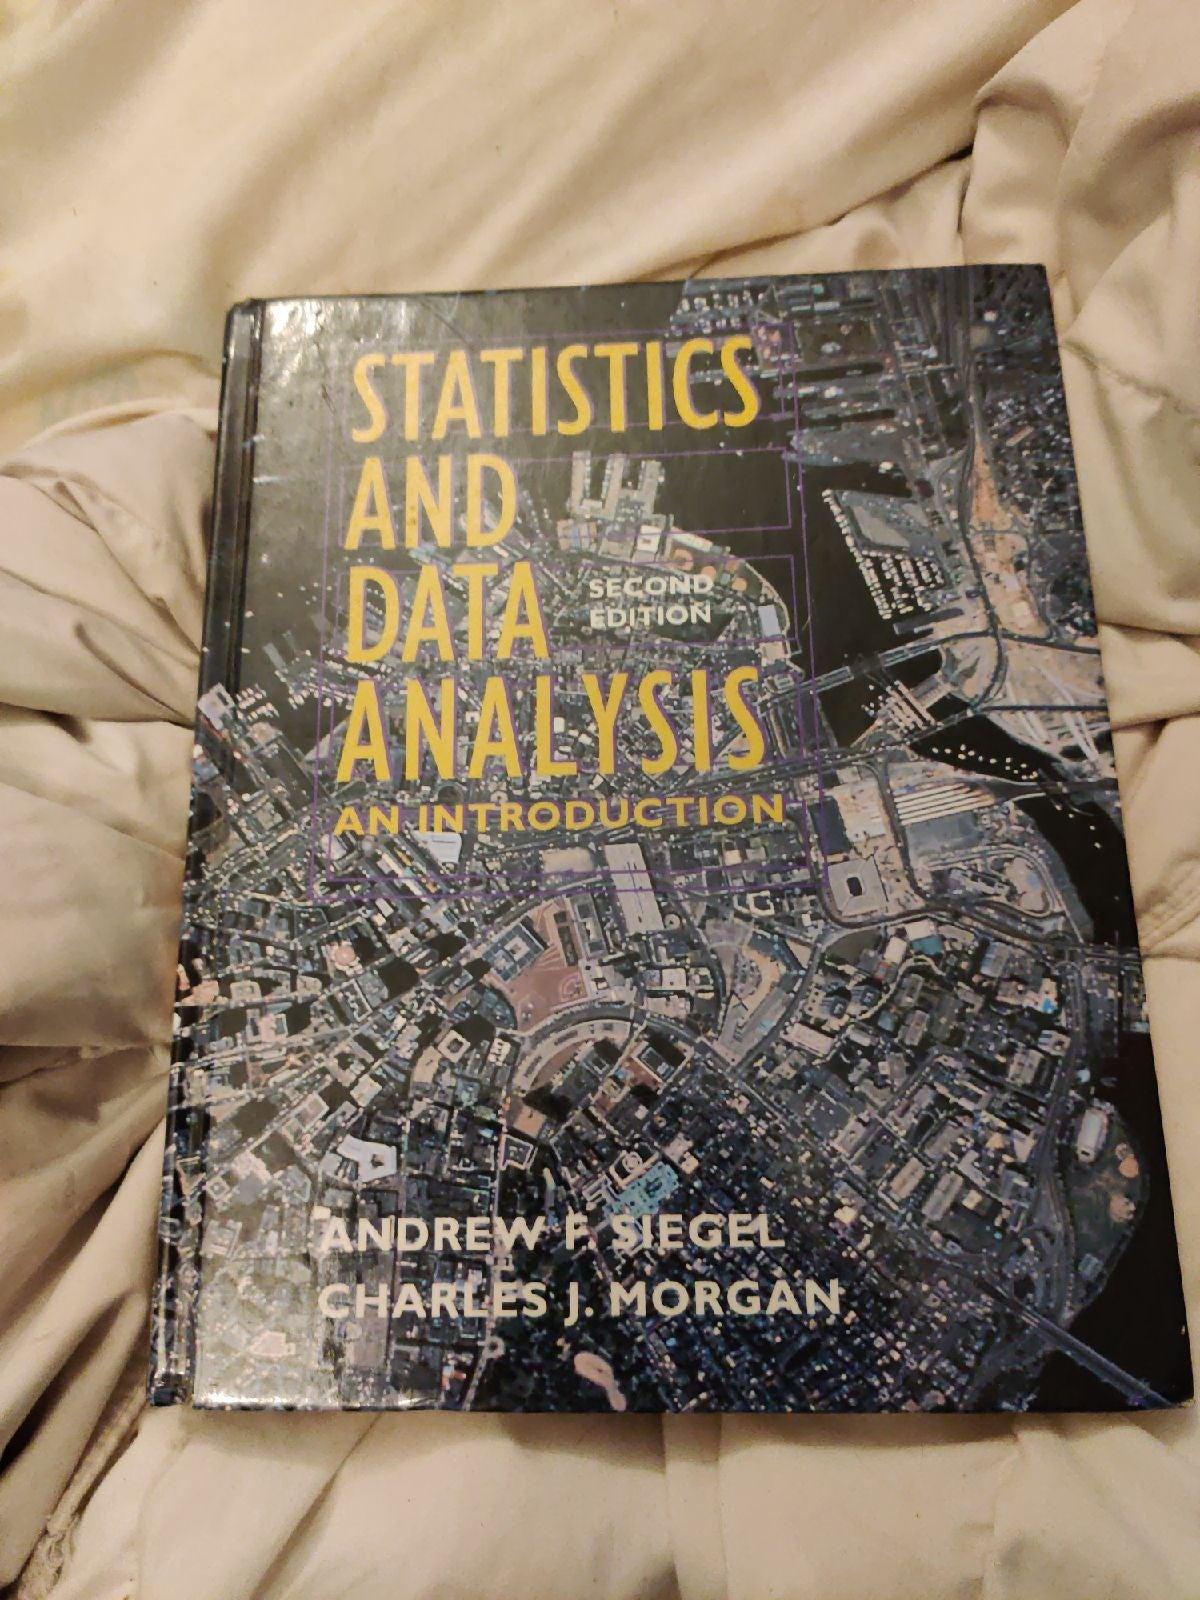 Statistics and data's analysis textbook